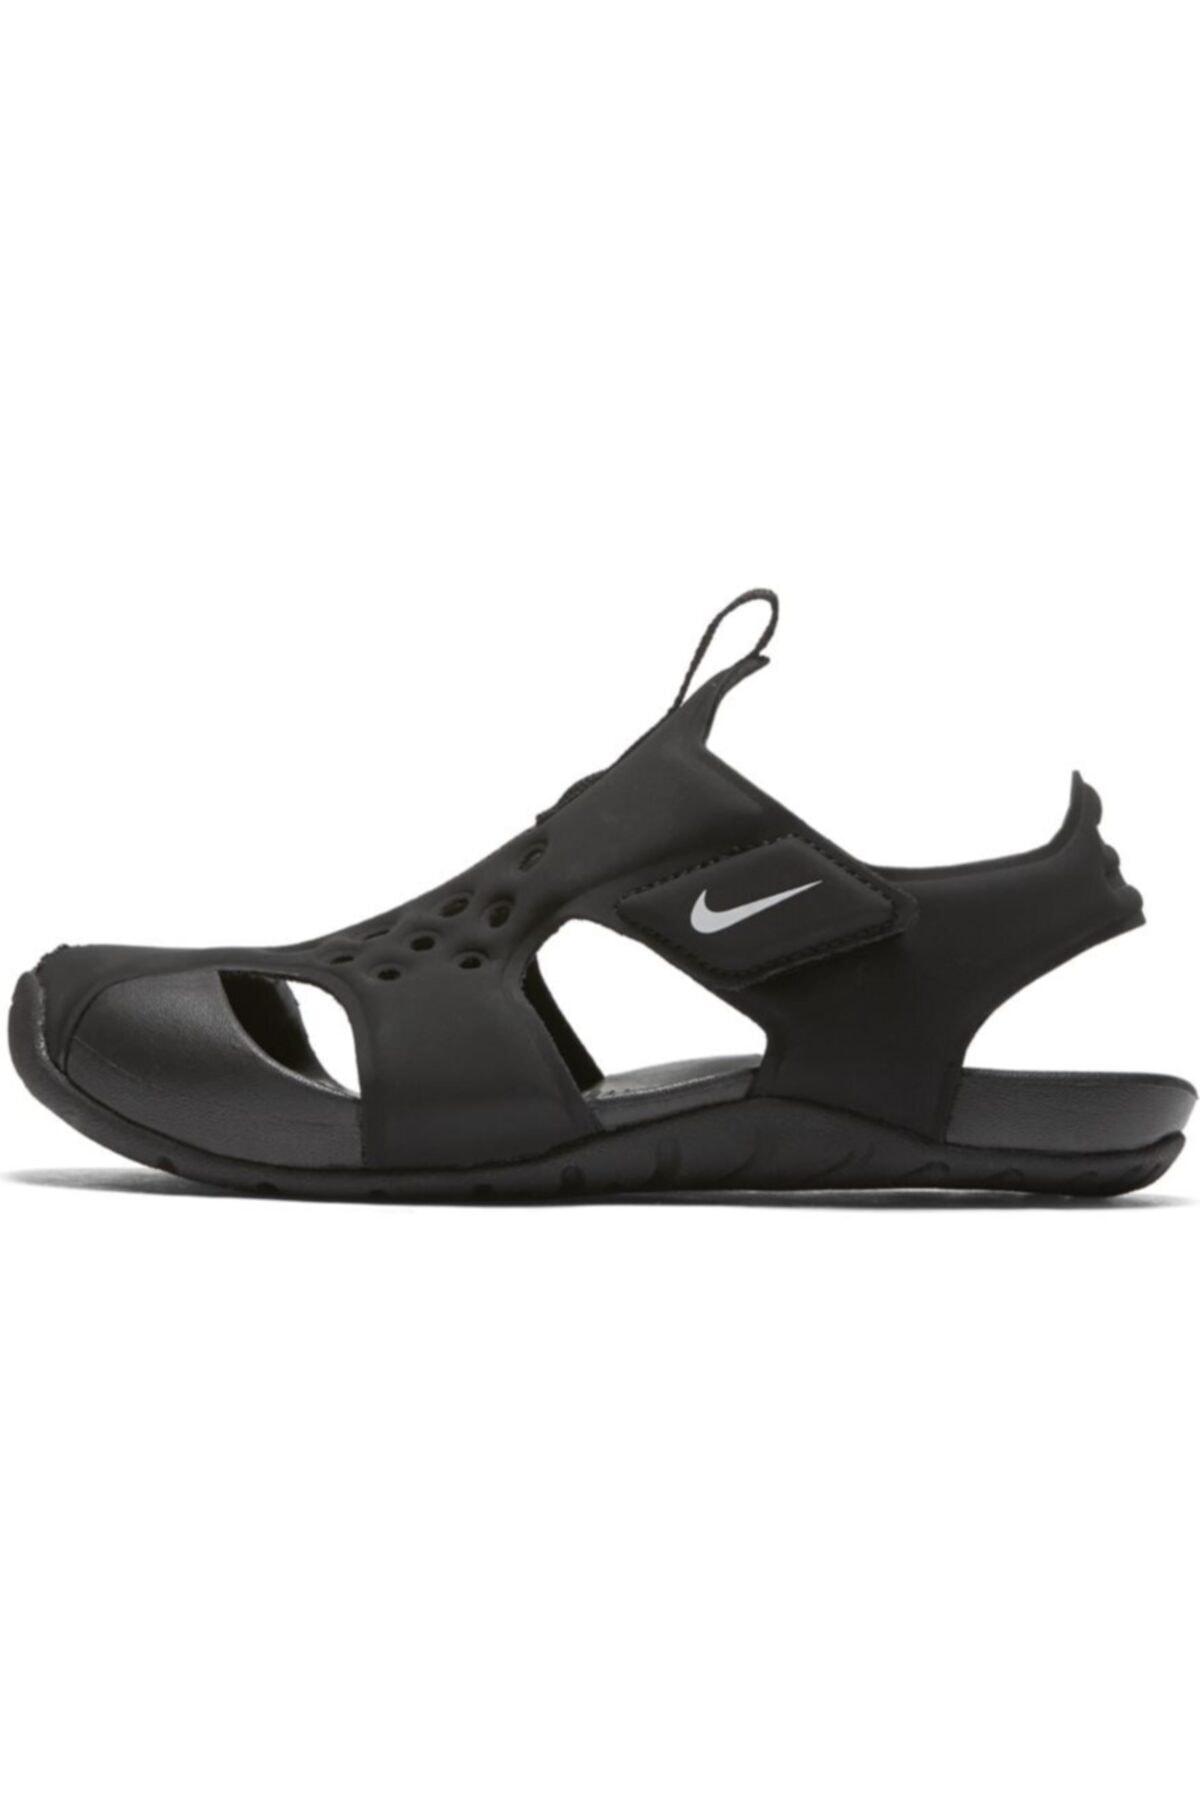 Nike Kids Çocuk Siyah Sandalet 943826-001 1